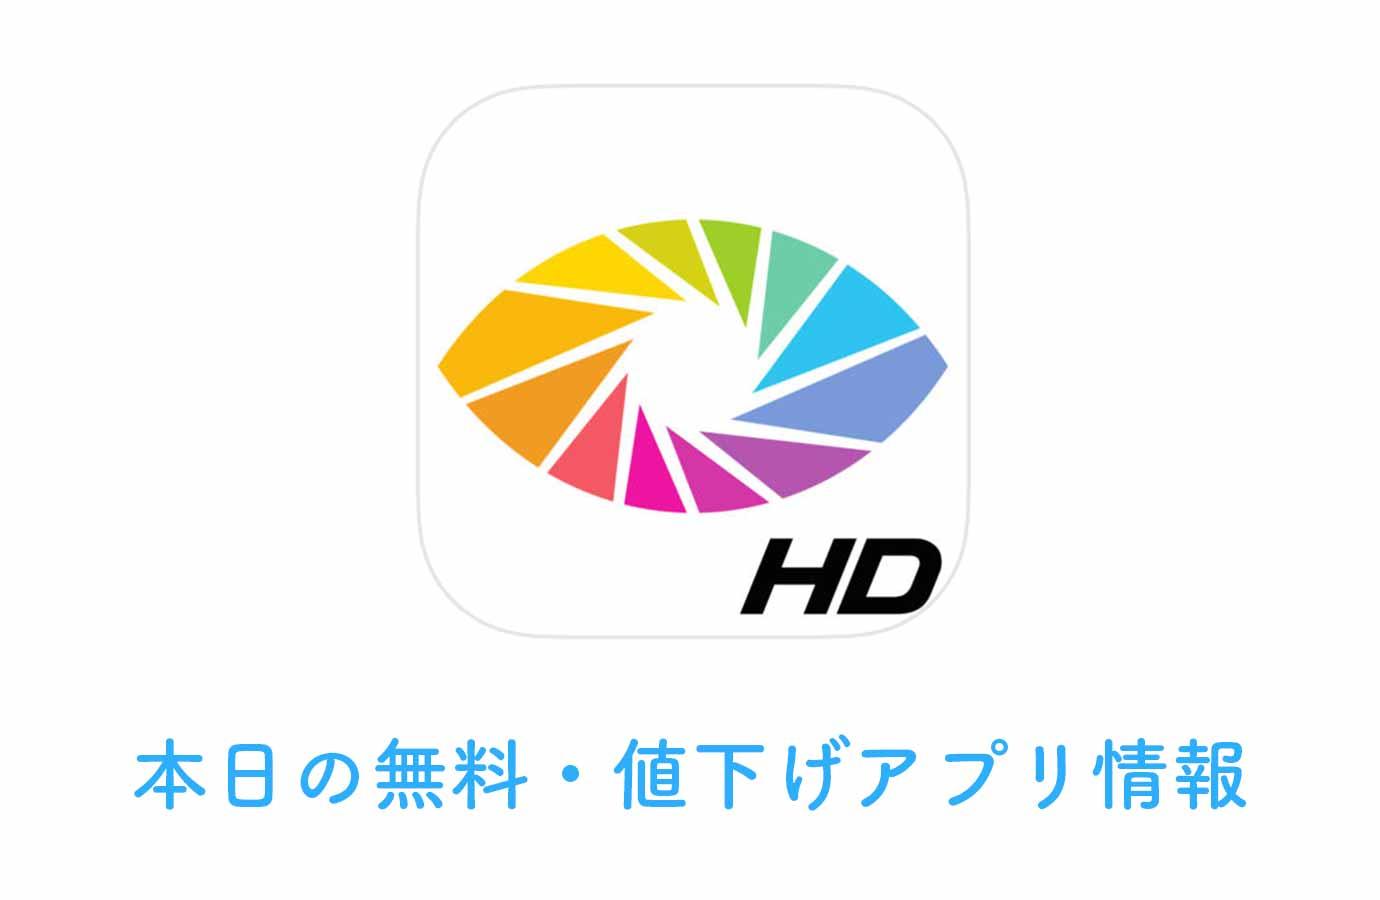 240円→無料、逆光写真がキレイに補正できるアプリ「OrasisHD」など【6/9】本日の無料・値下げアプリ情報